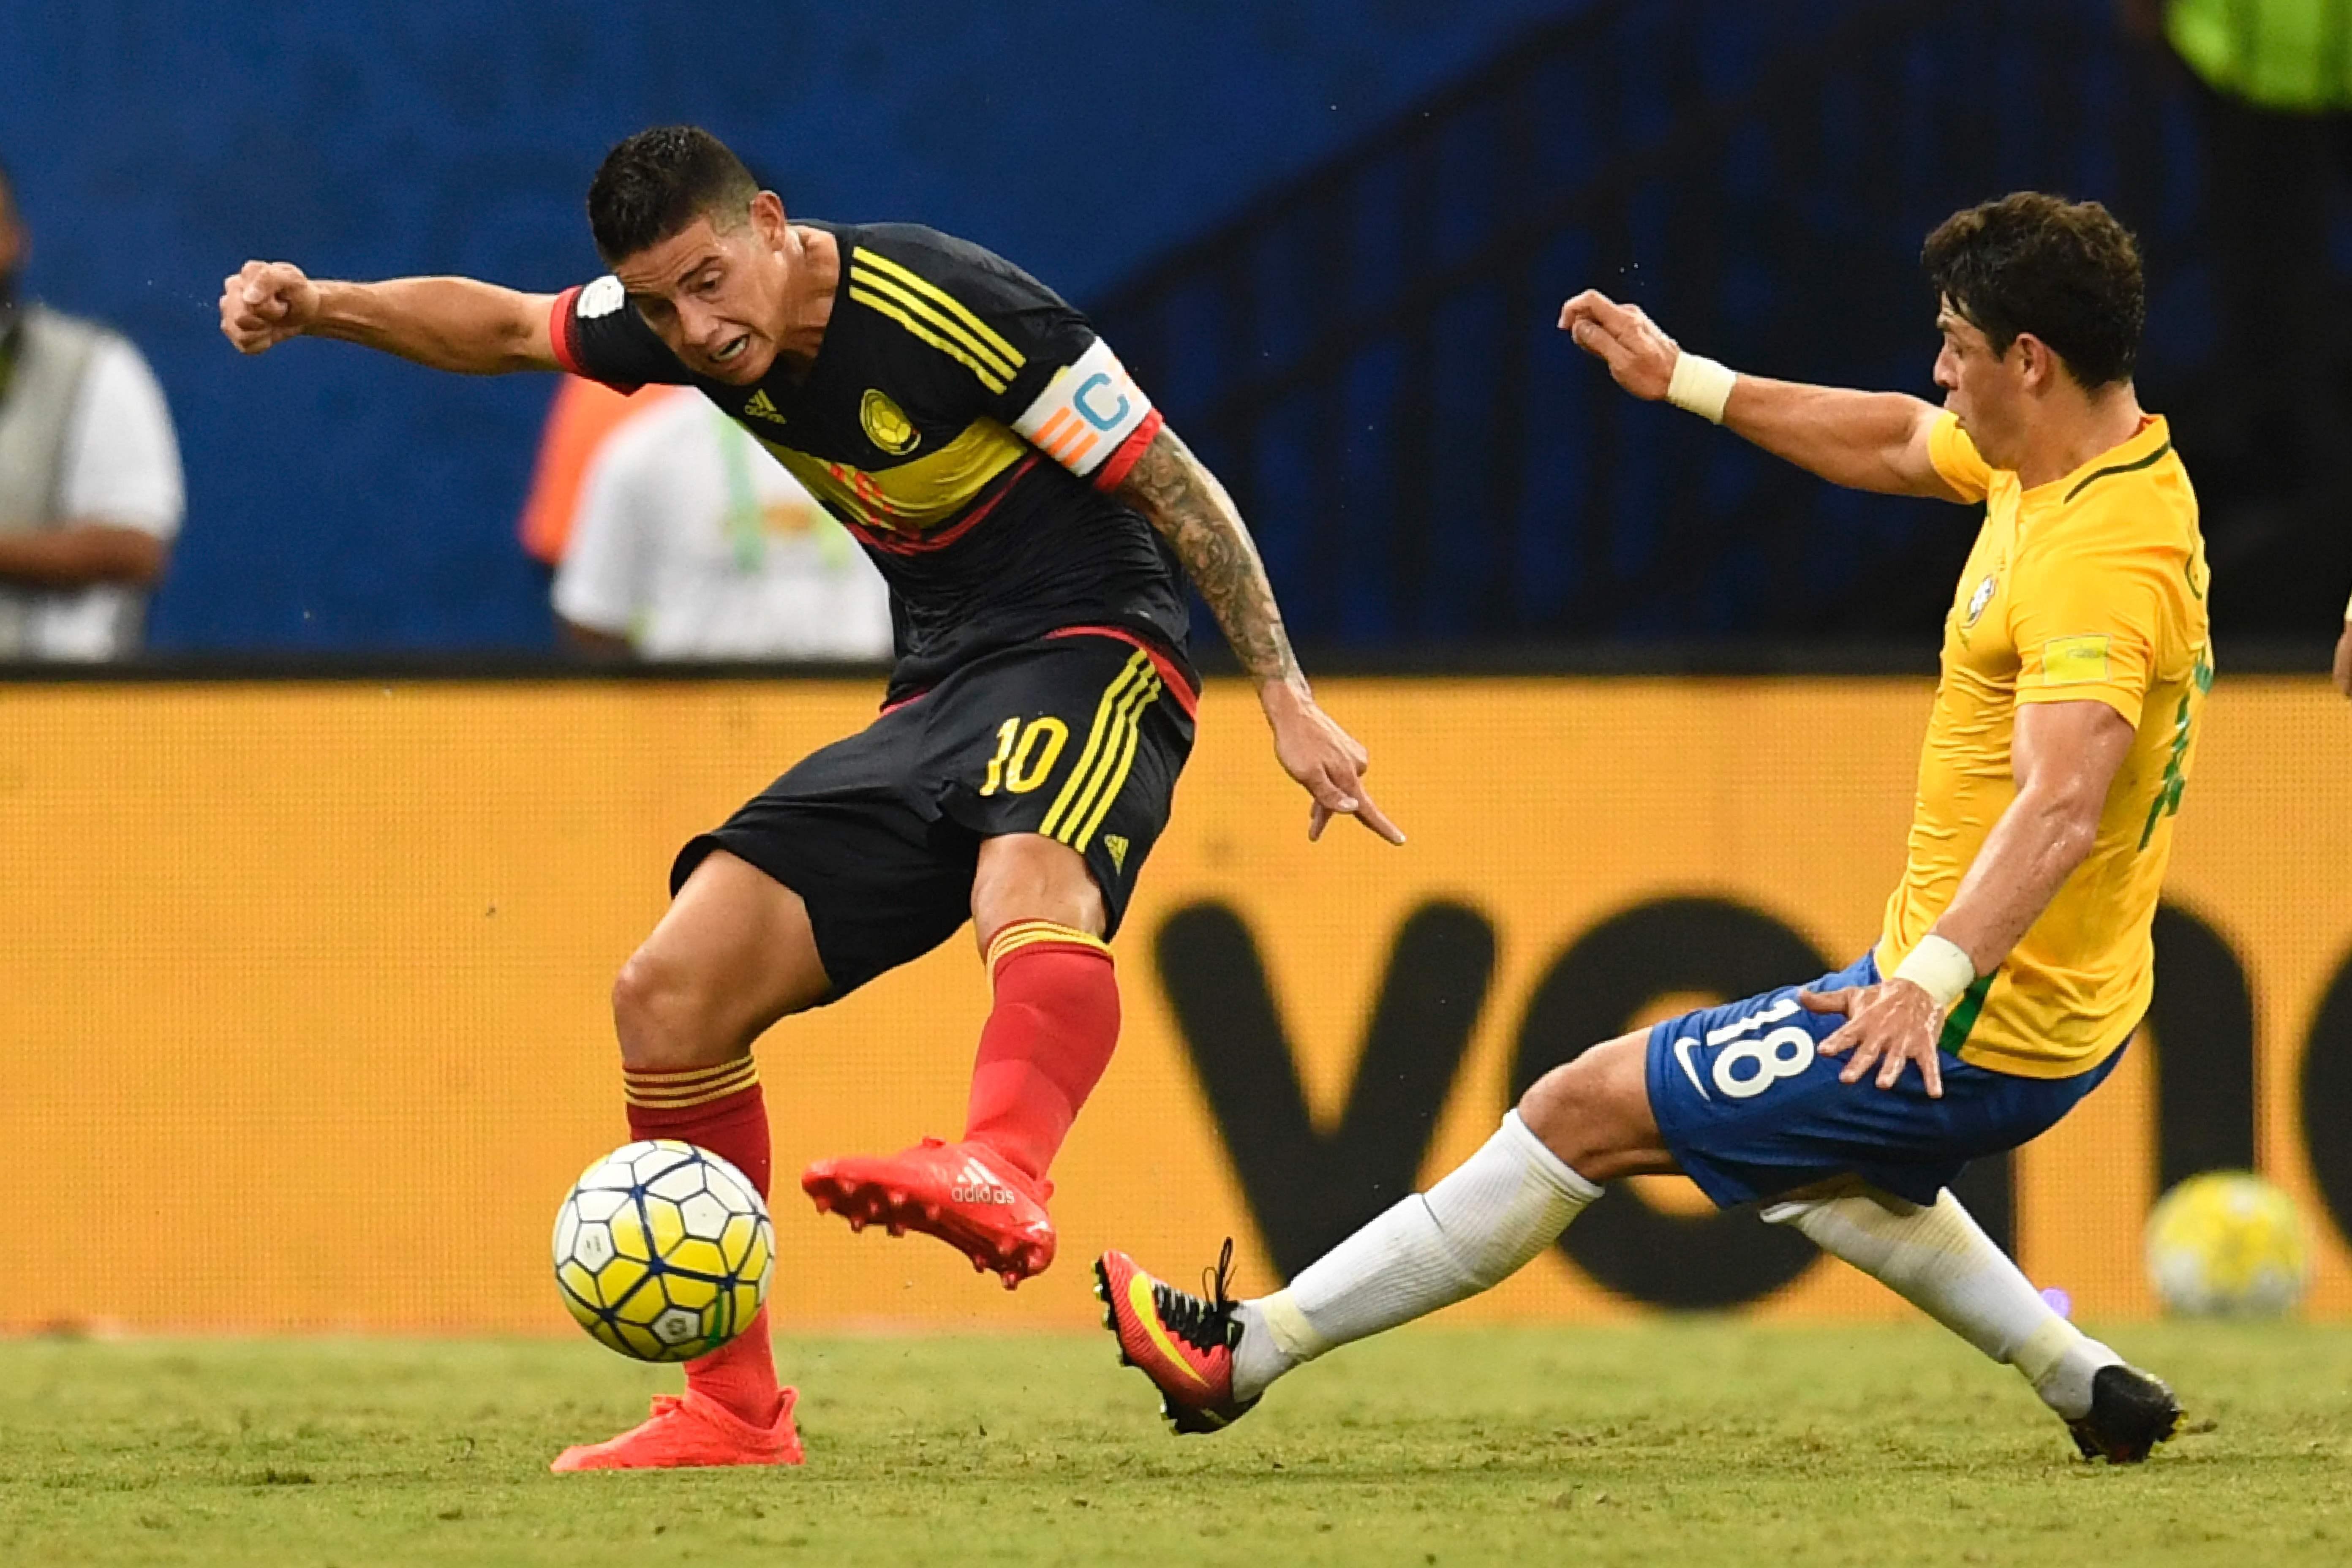 Прогноз на матч Бразилия - Эквадор 05 июня 2016